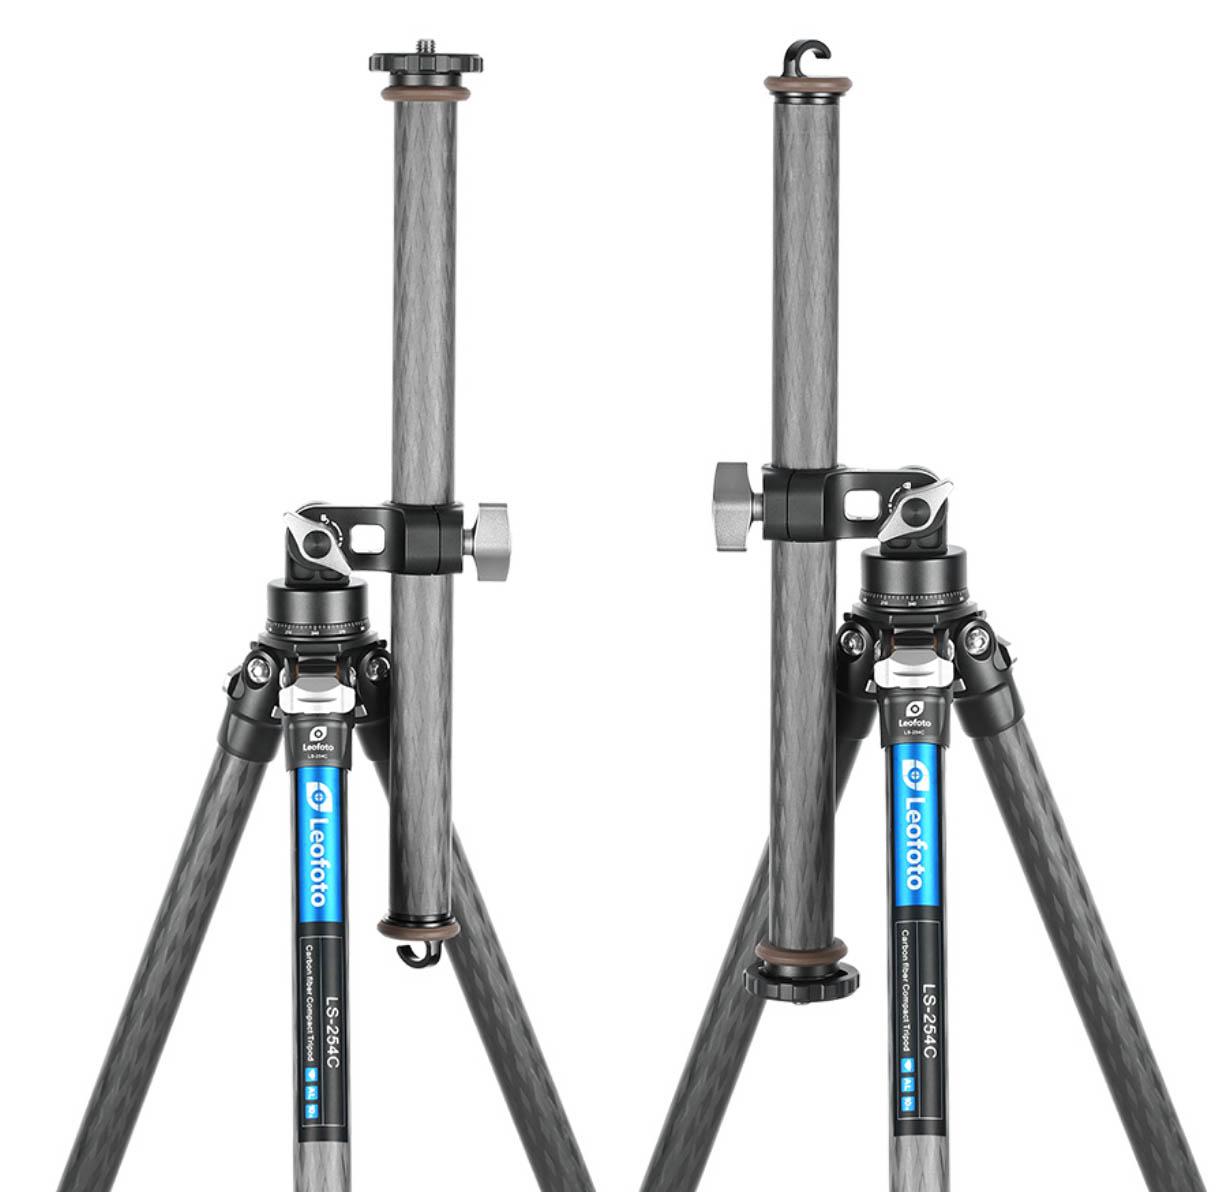 HC-28 columna y soporte Leofoto